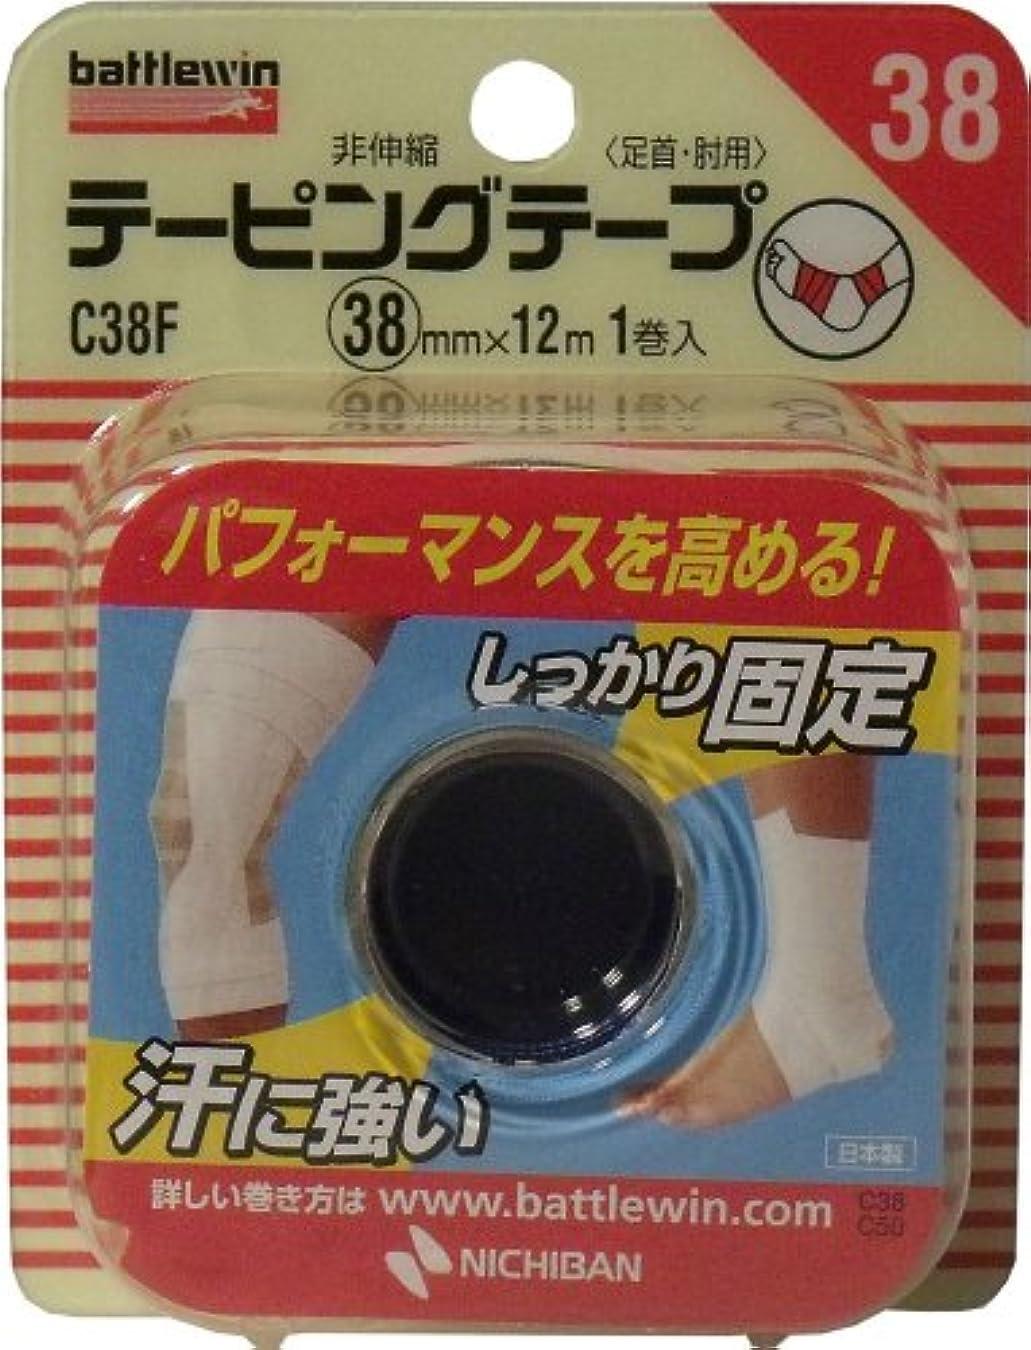 メイト立派な費用バトルウィンテーピングテープCー38F38MMX12M1ロール490 ニチバン(株)